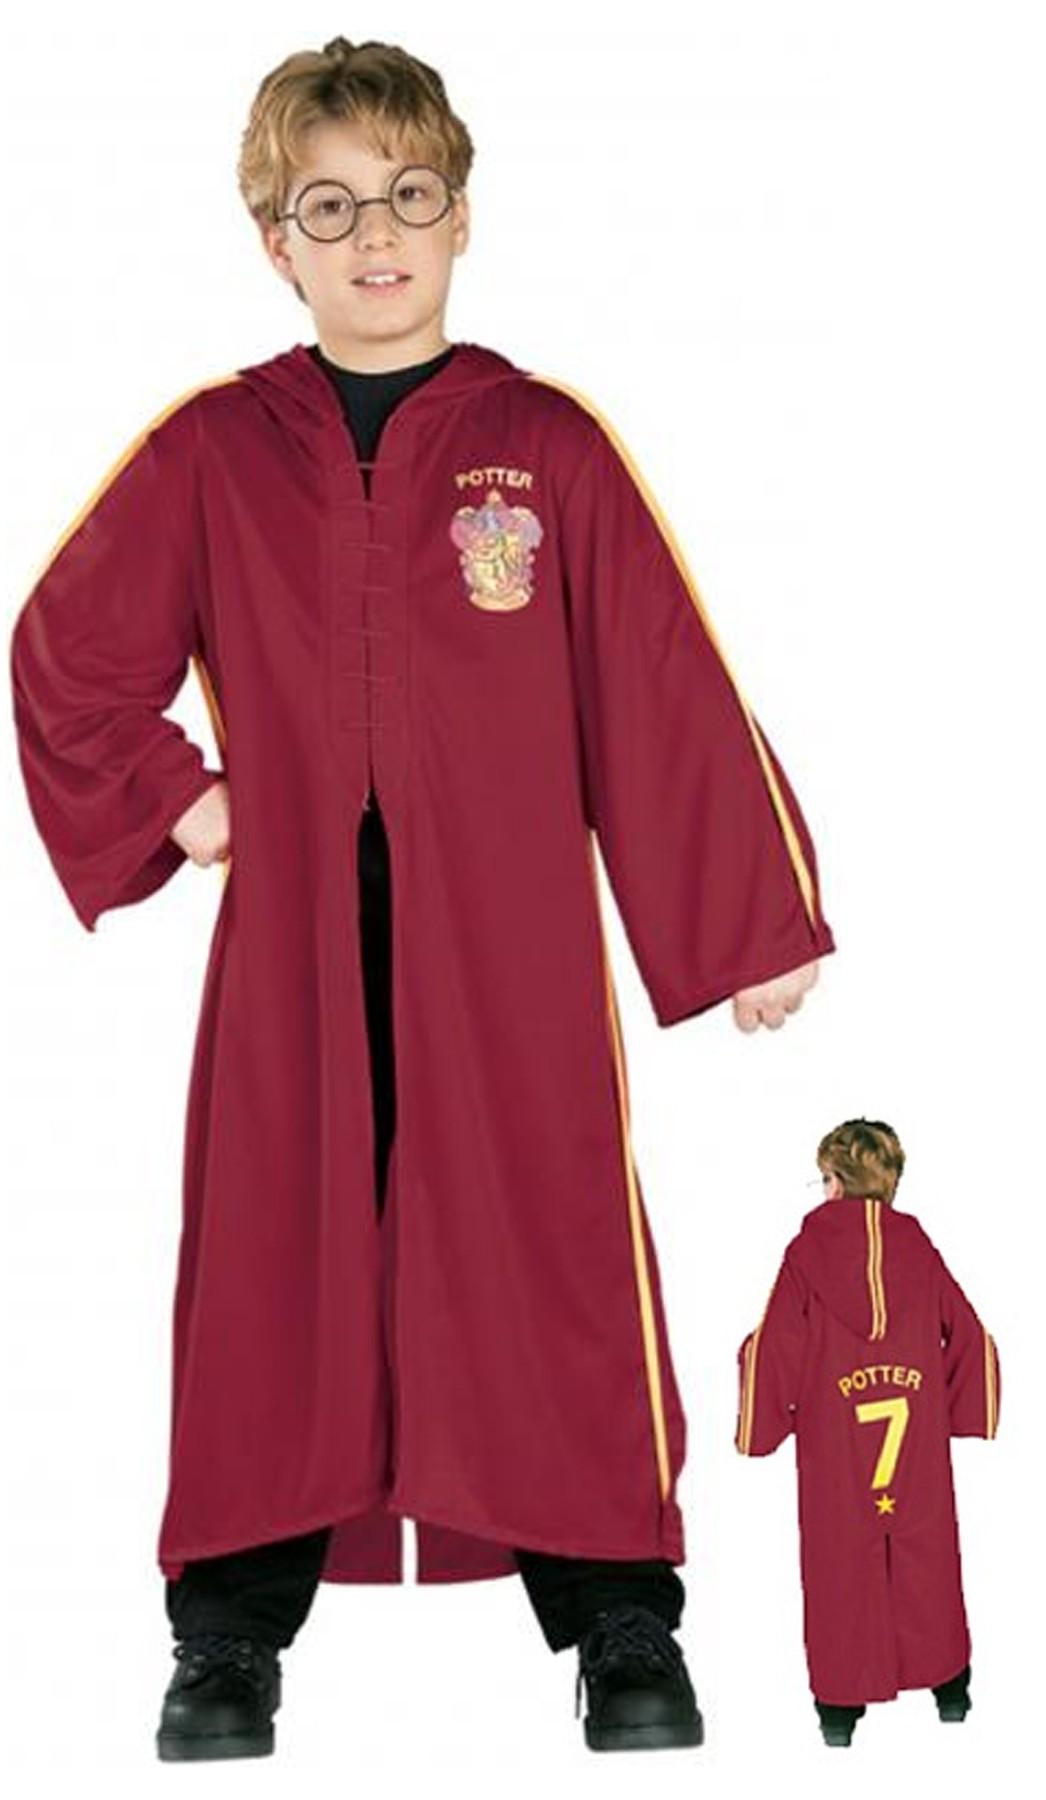 prezzi economici in uso durevole catturare Harry Potter Tunica Grifondoro Quidditch Bambino